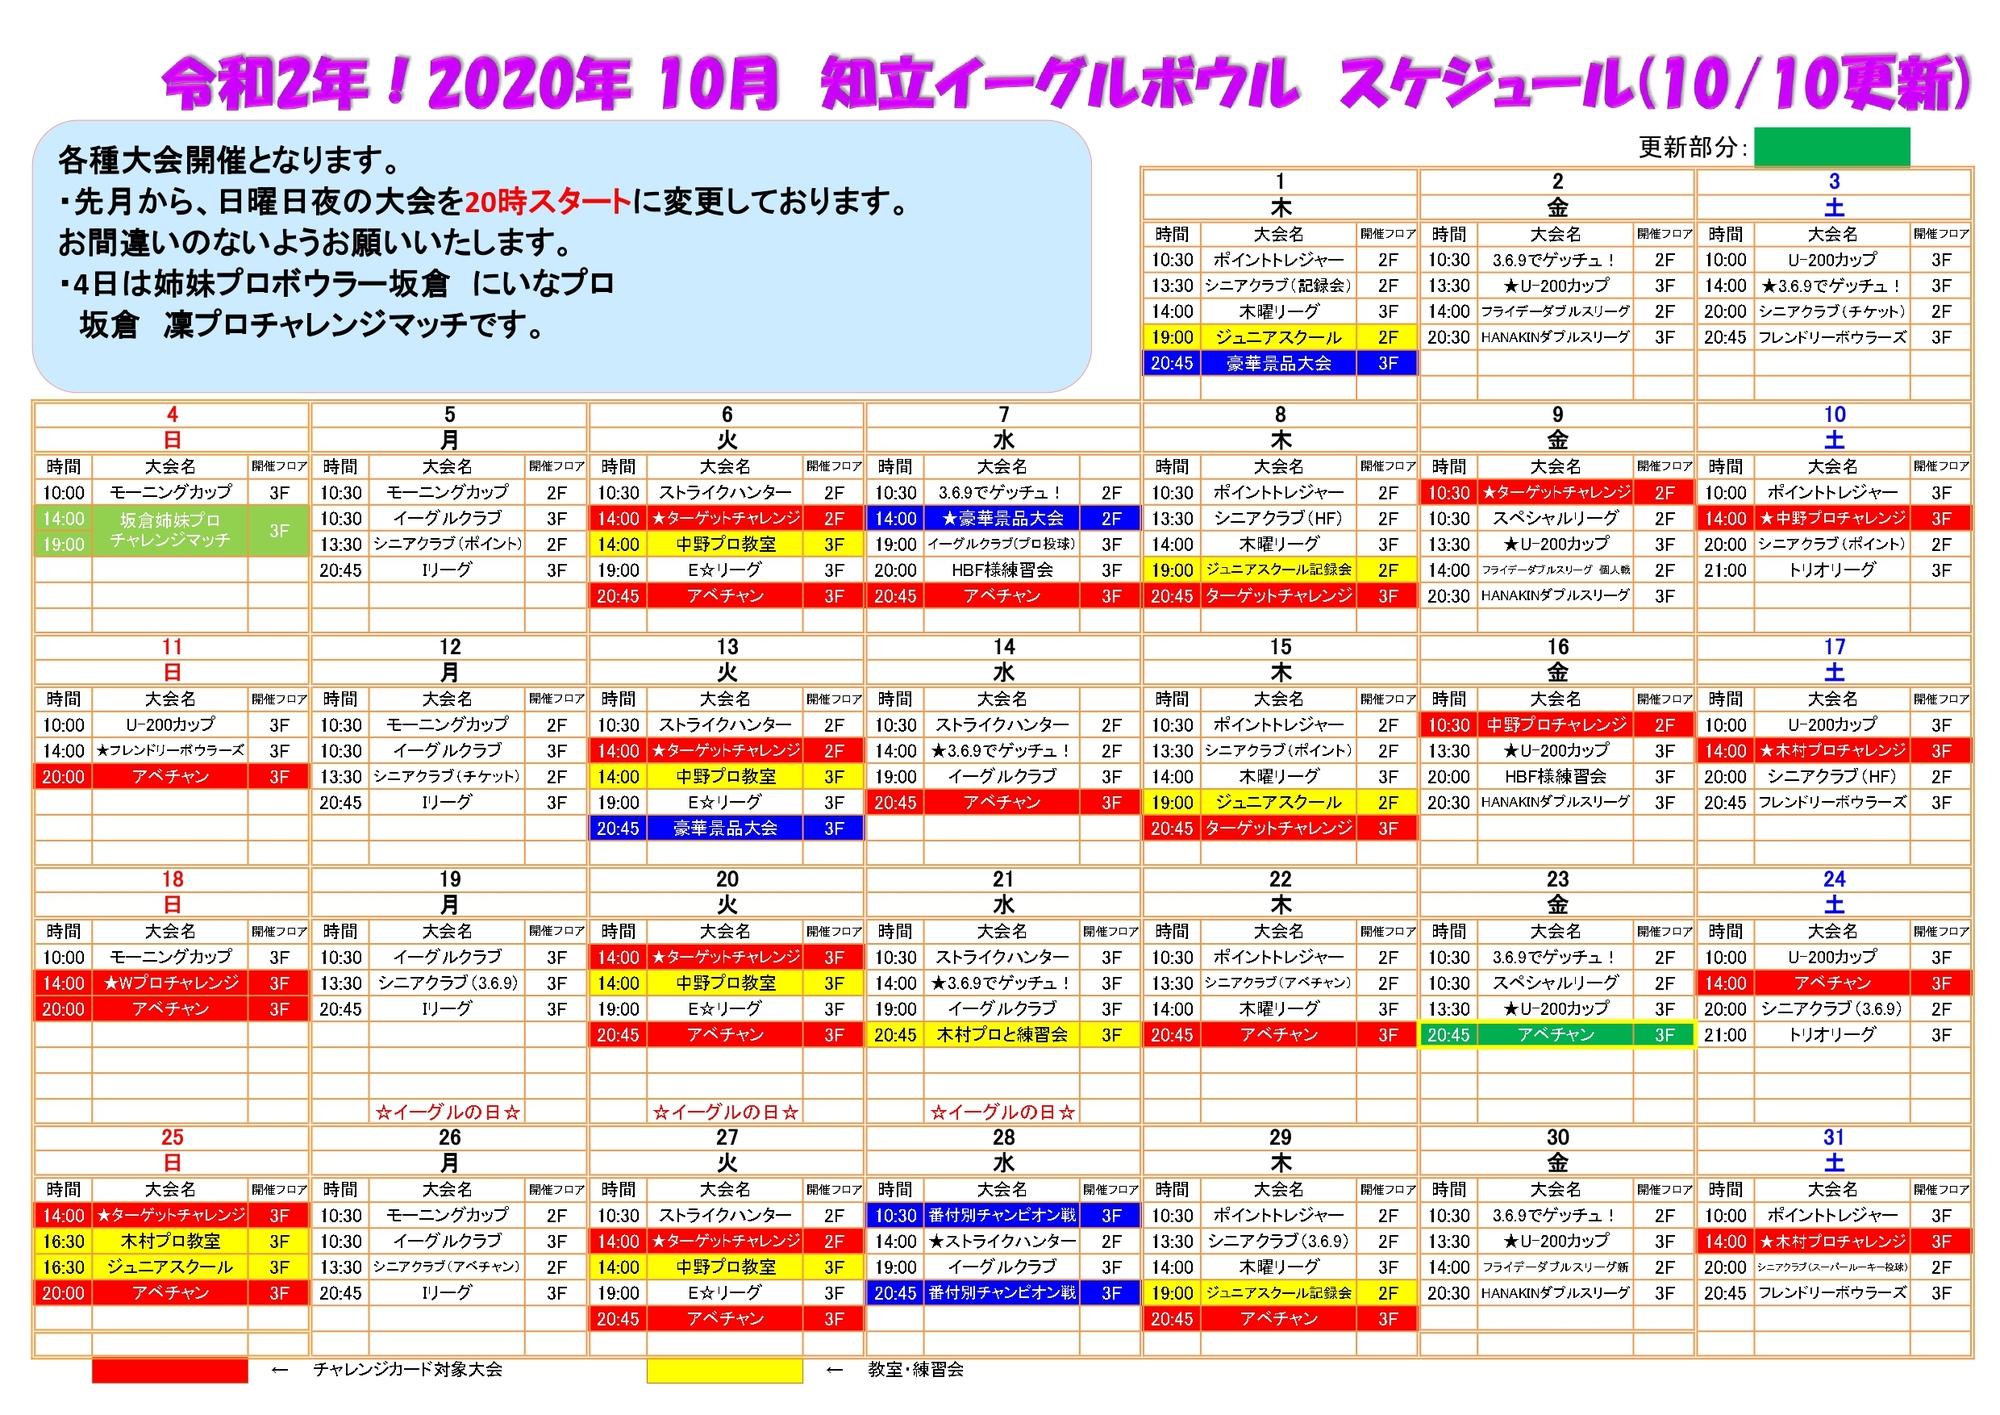 2020年10月 大会スケジュール【変更】